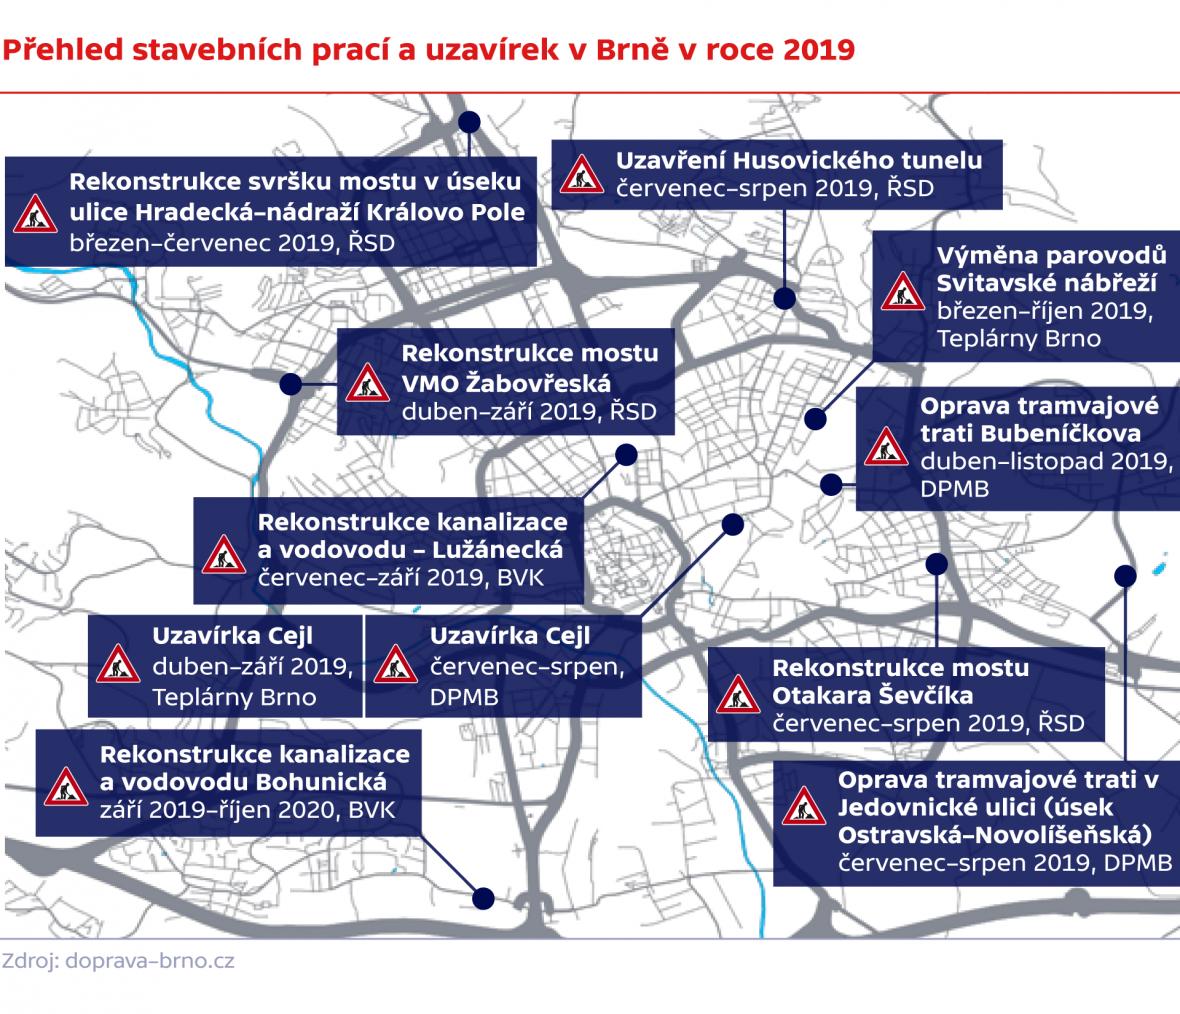 Přehled stavebních prací a uzavírek v Brně v roce 2019